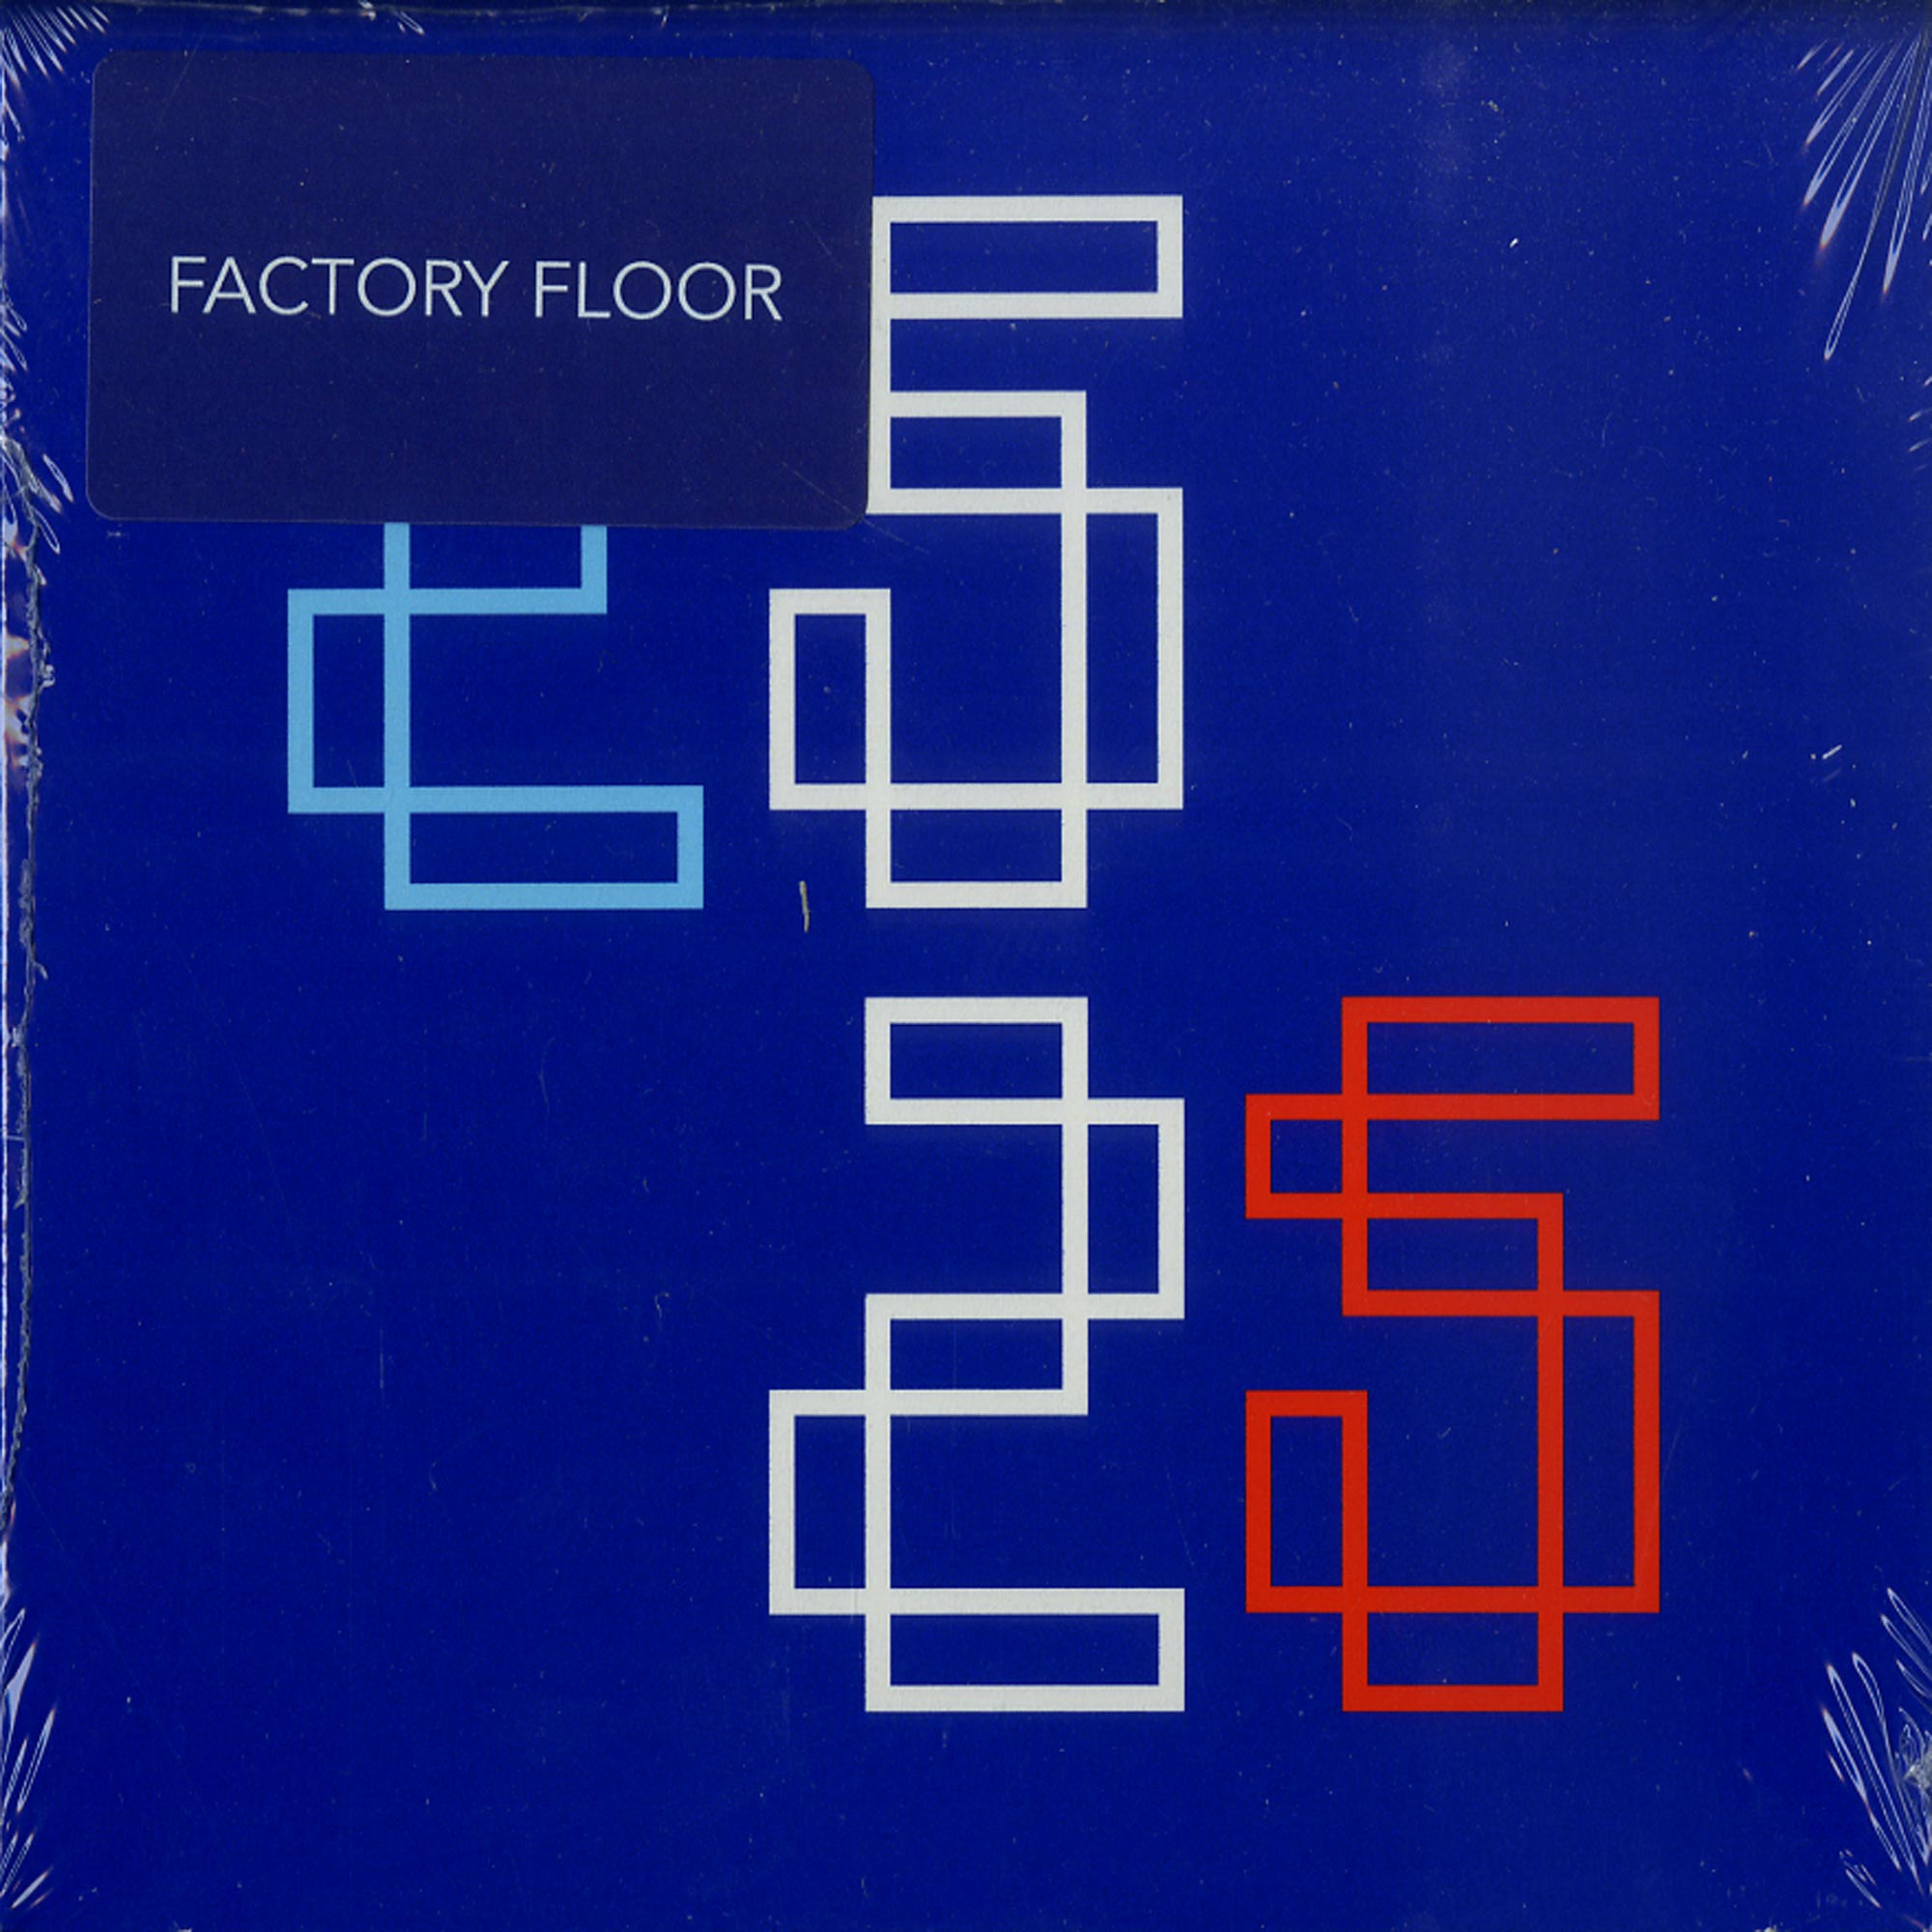 Factory Floor - 25 25